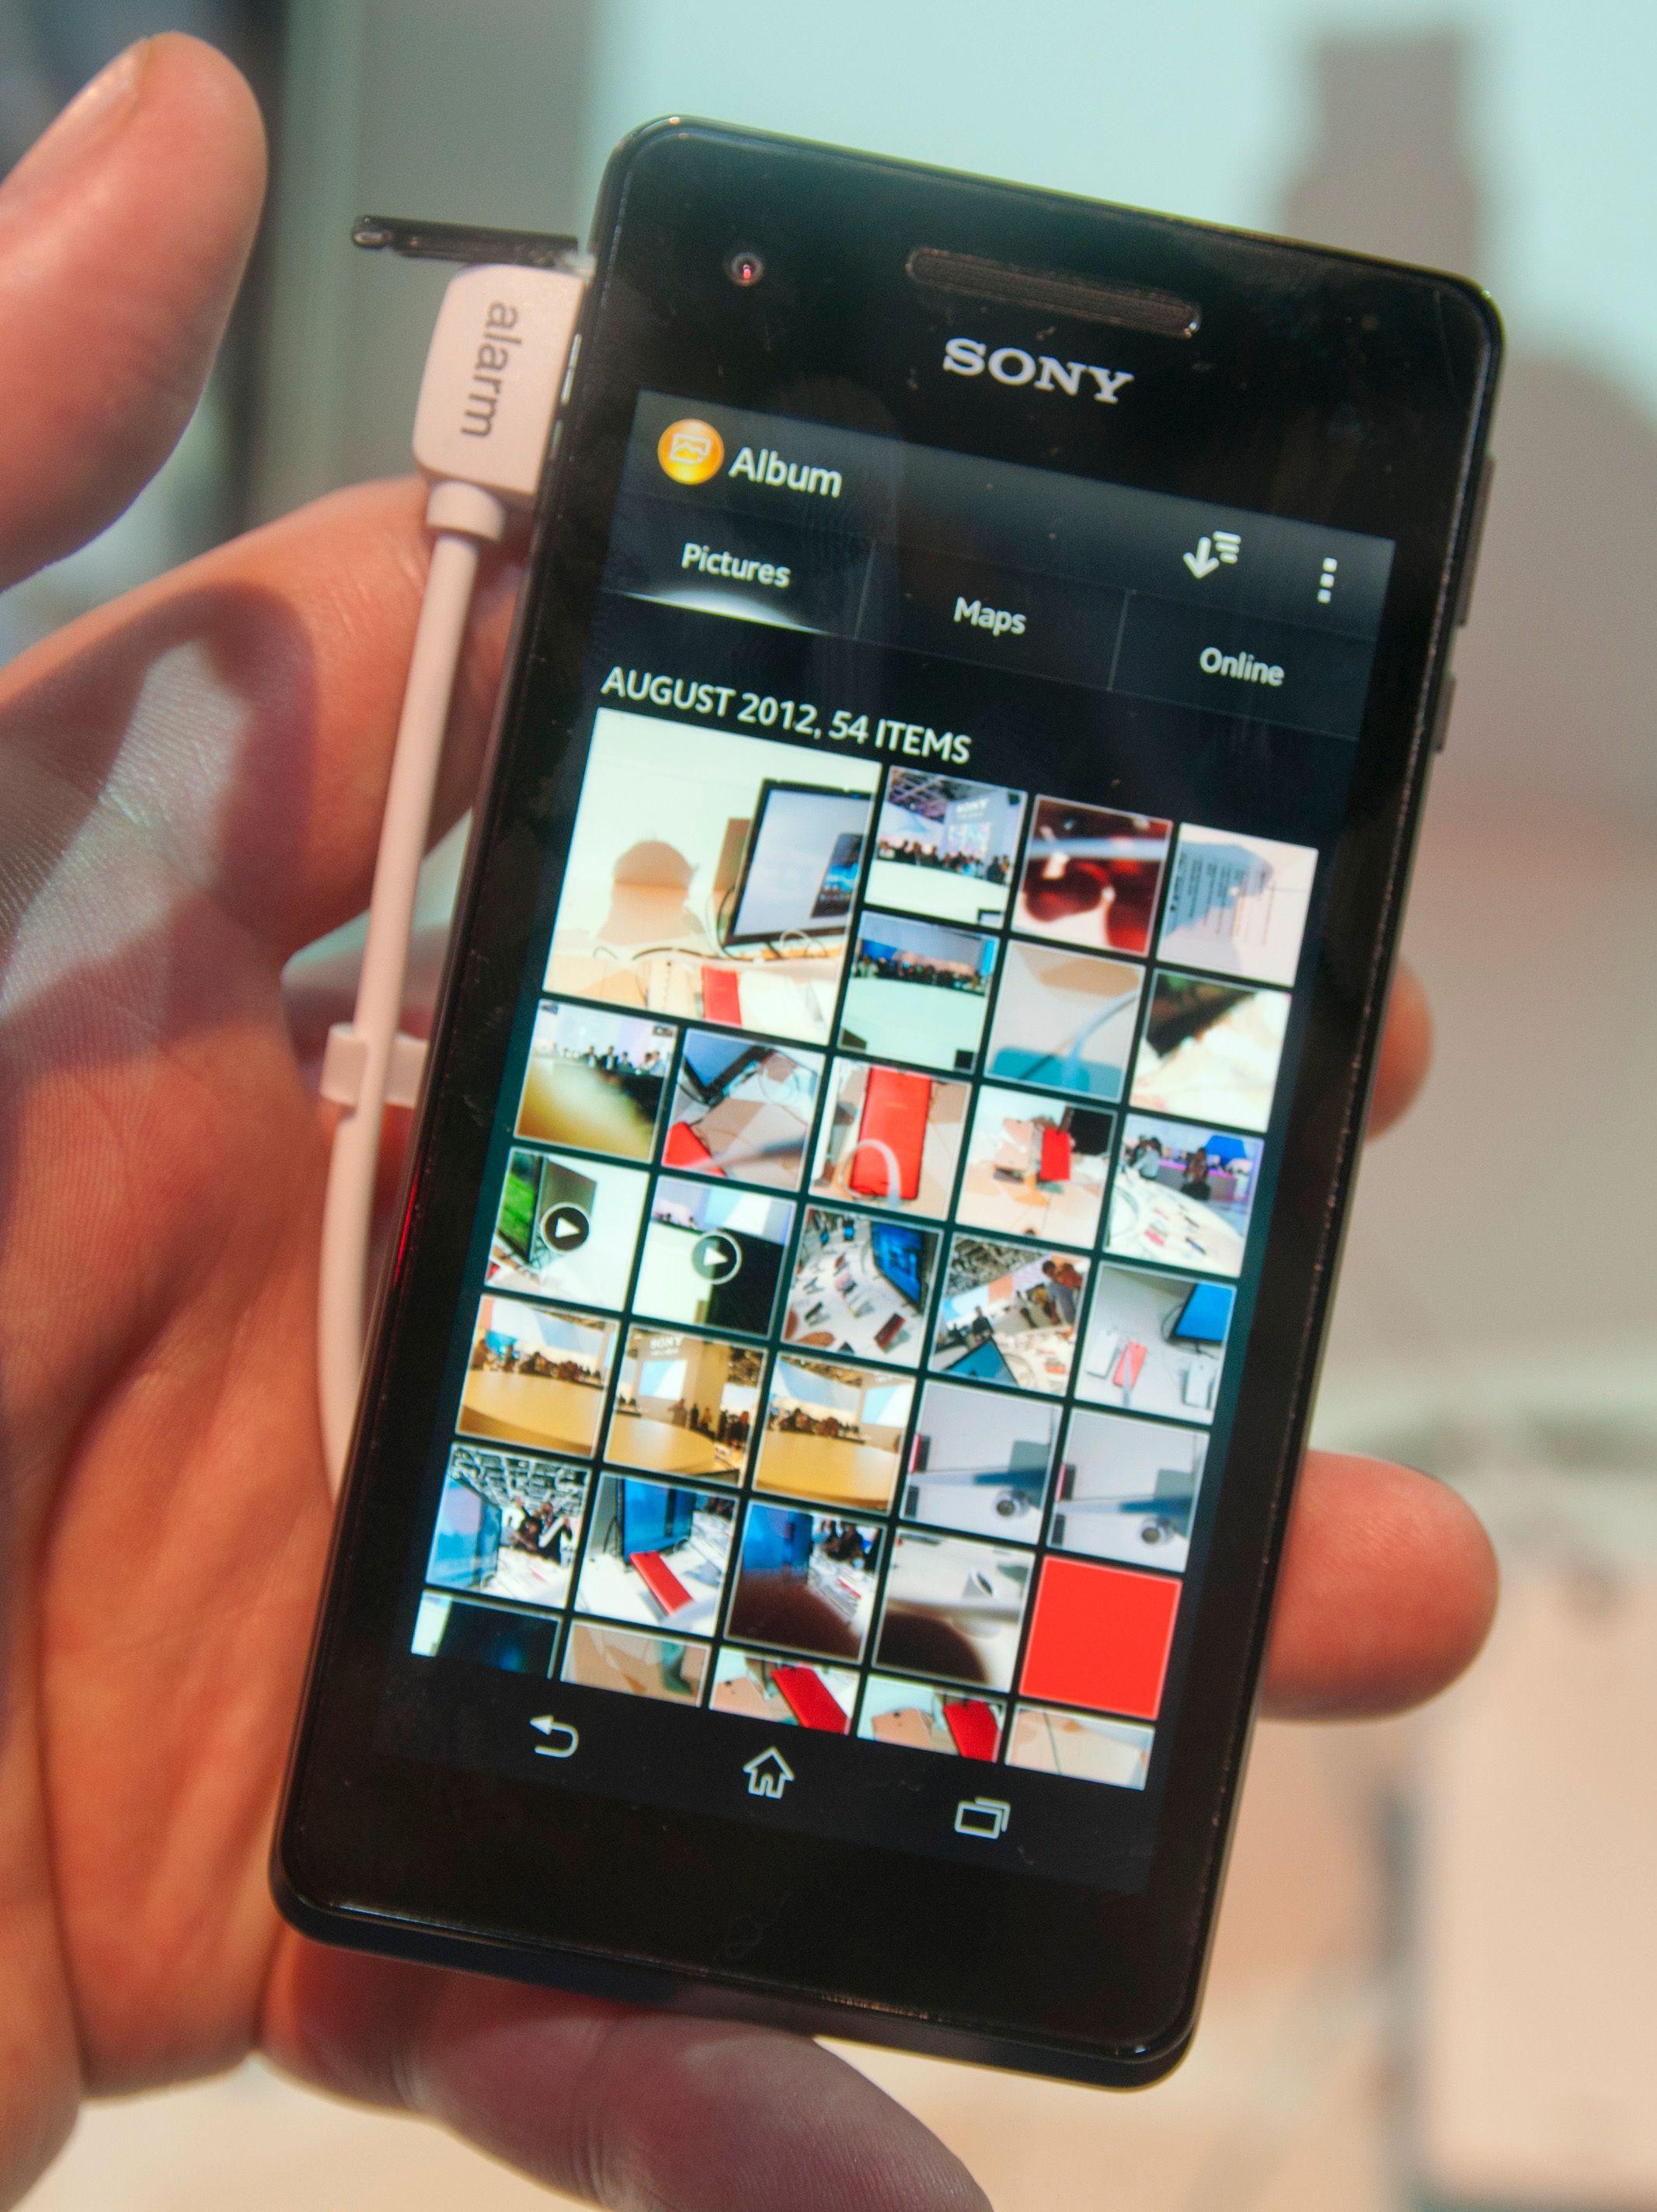 Sonys vanntette Xperia V selges med programvare som skal støtte Telenors 4G-nett enten du kjøper den gjennom Telenor eller ikke.